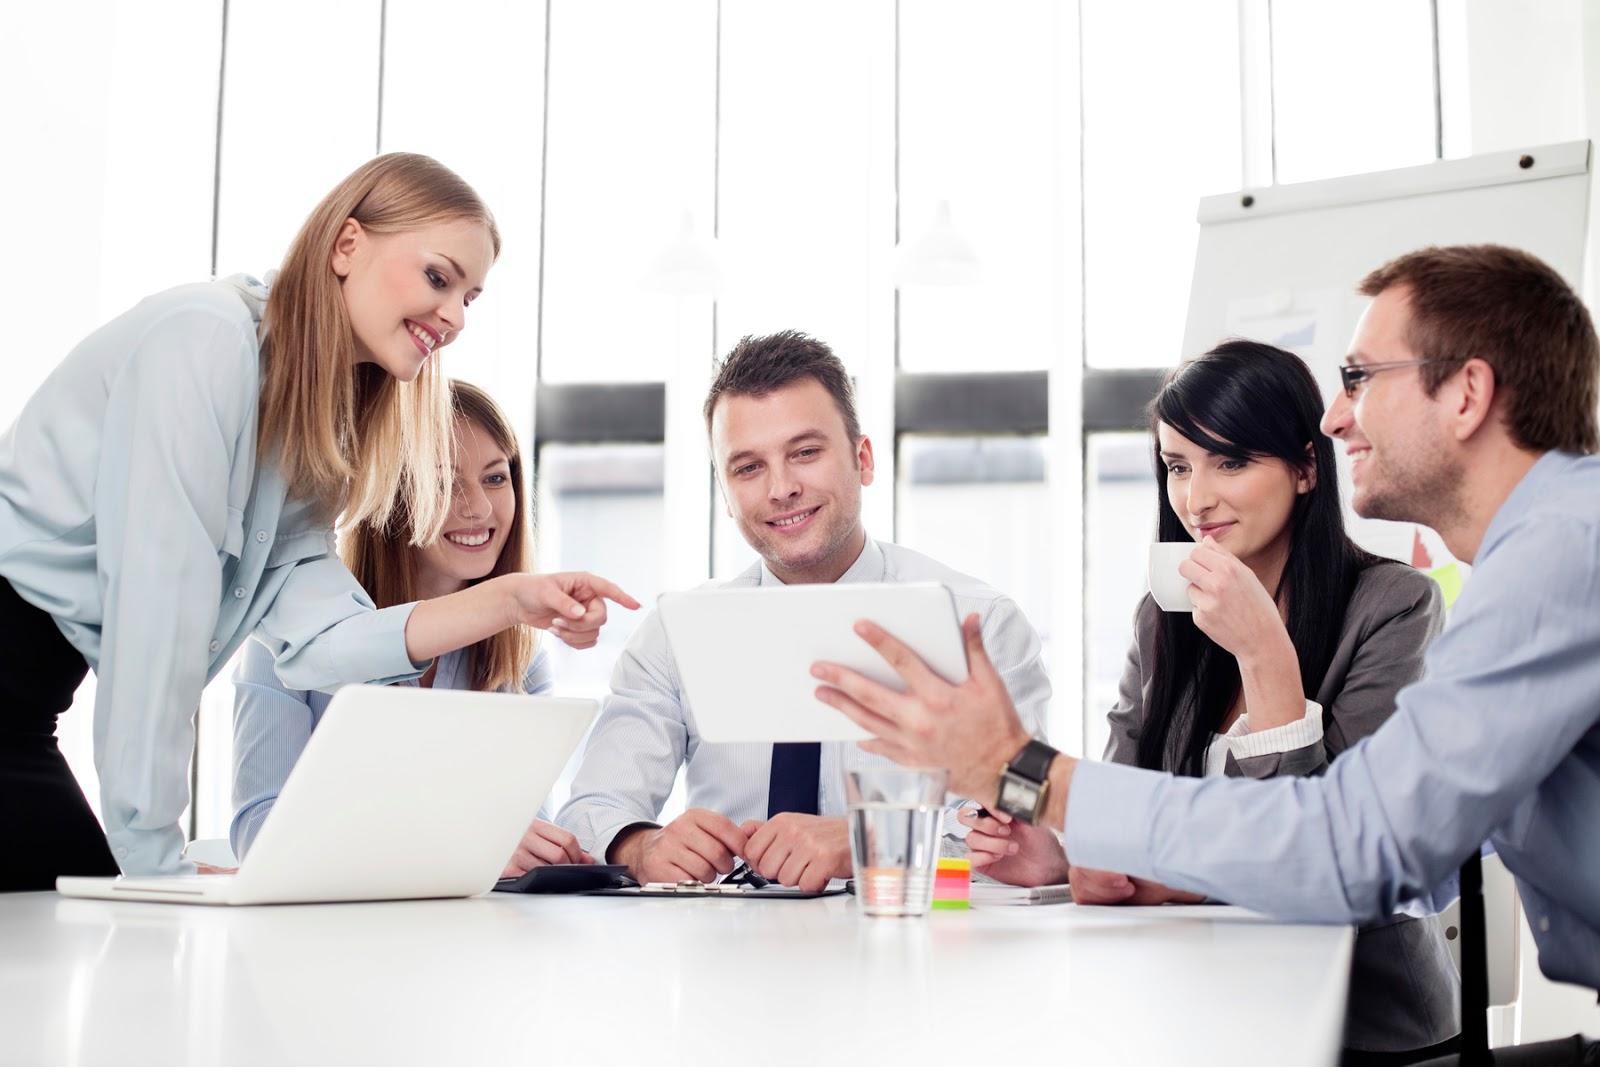 Nhà tuyển dụng phải chọn ứng viên như thế nào?